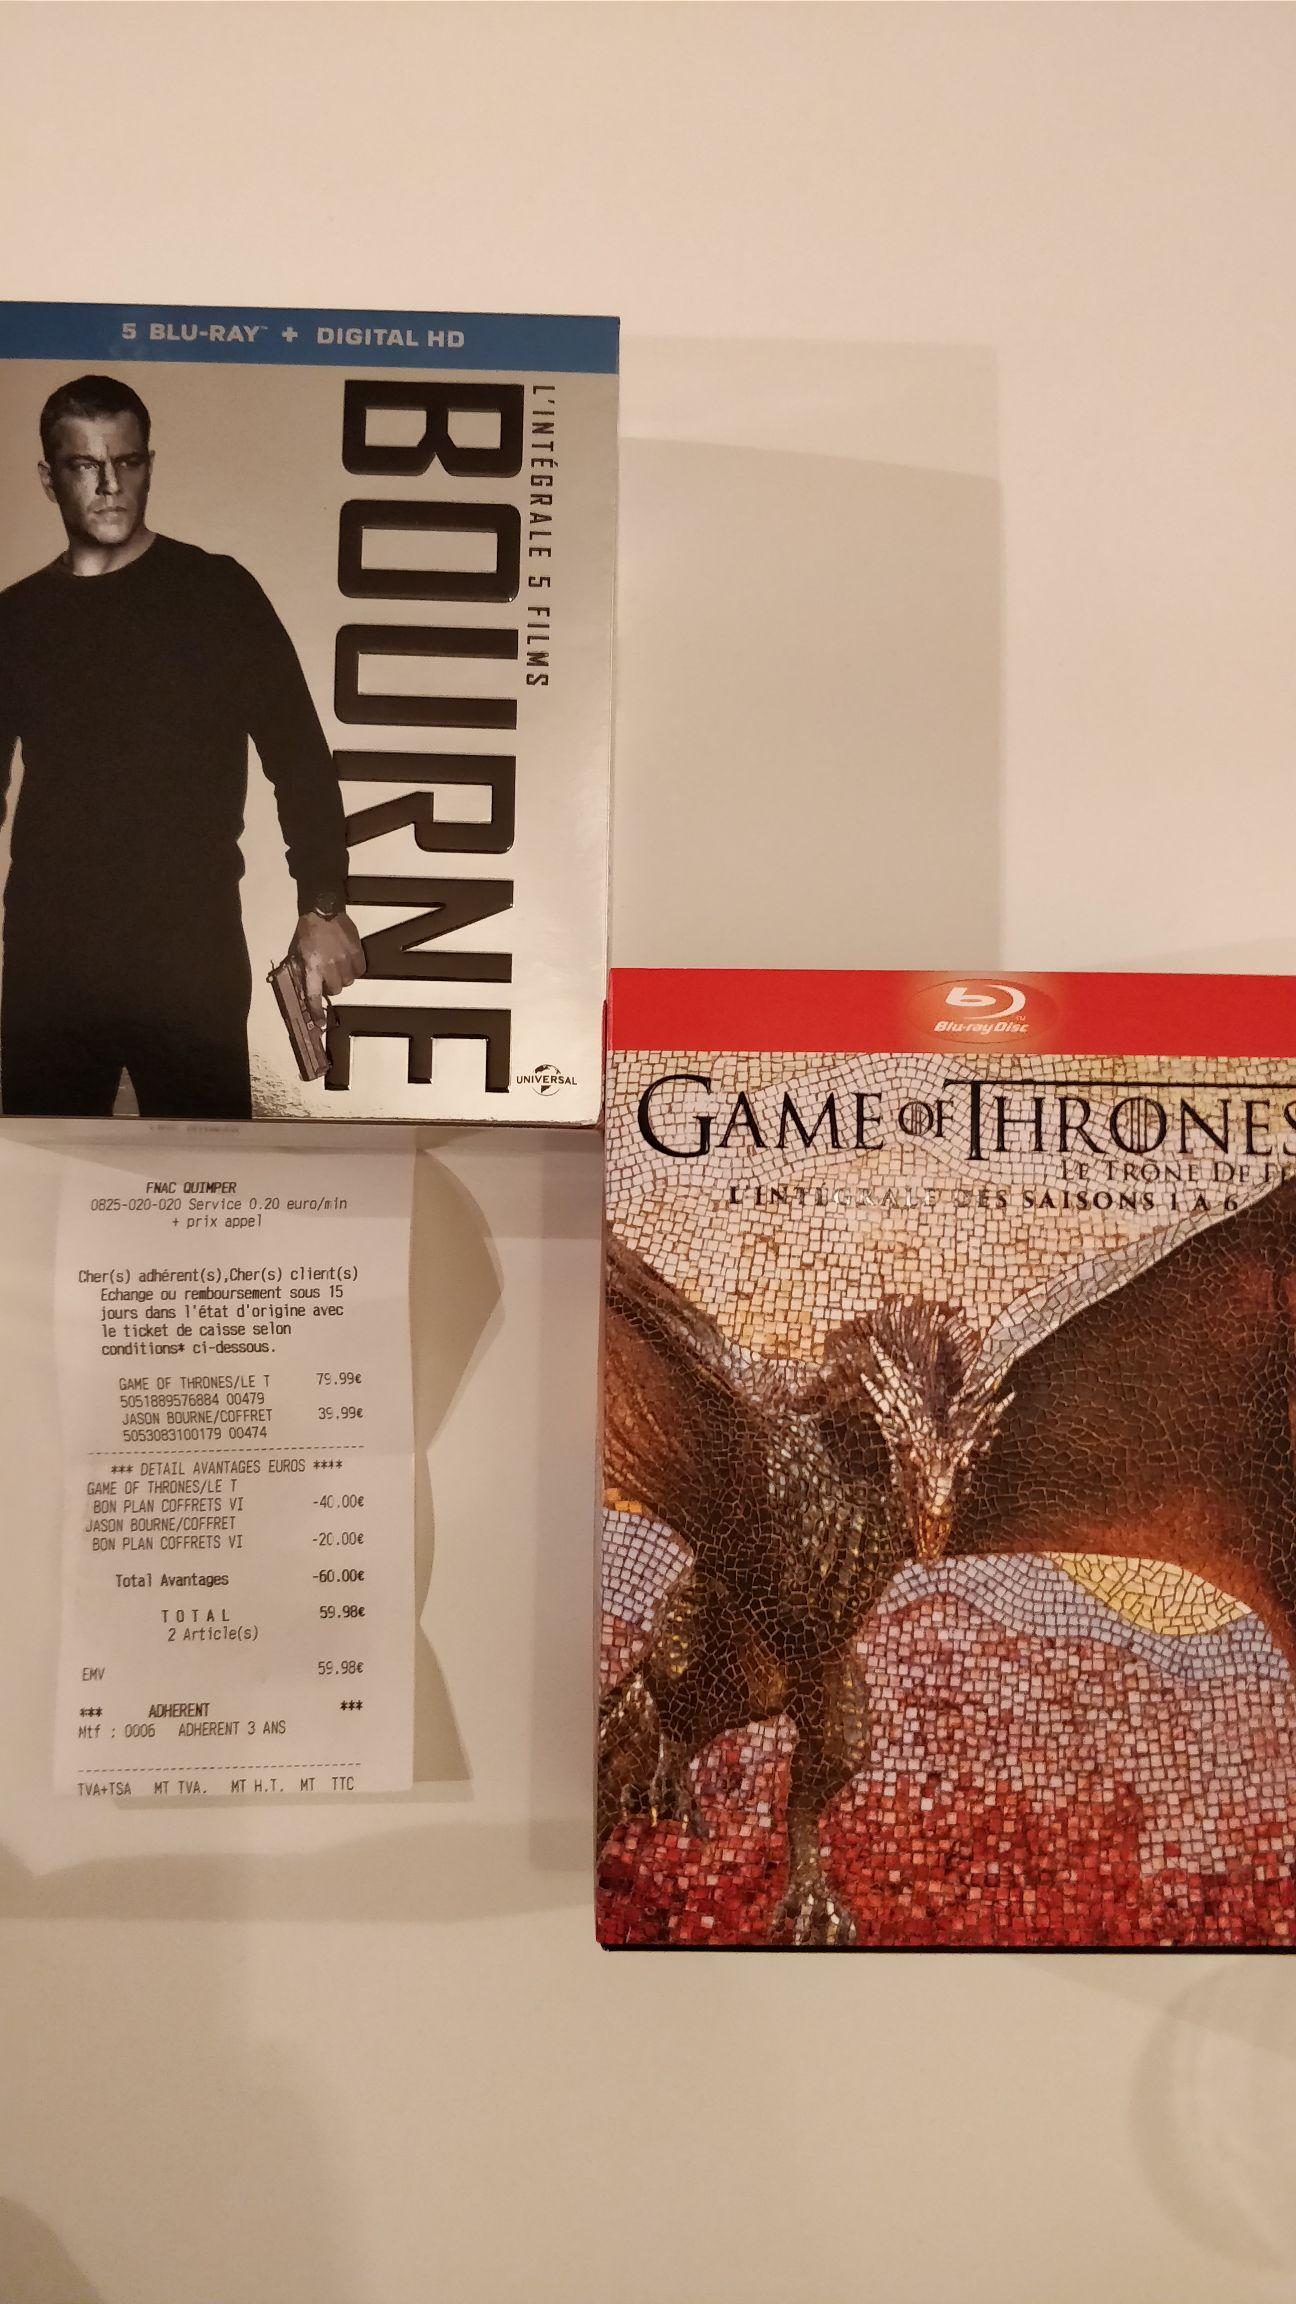 Sélection de coffrets Blu-ray en promotion - Ex: Coffret Blu-ray Game of Thrones Intégrale saisons 1-6 - Quimper (29)